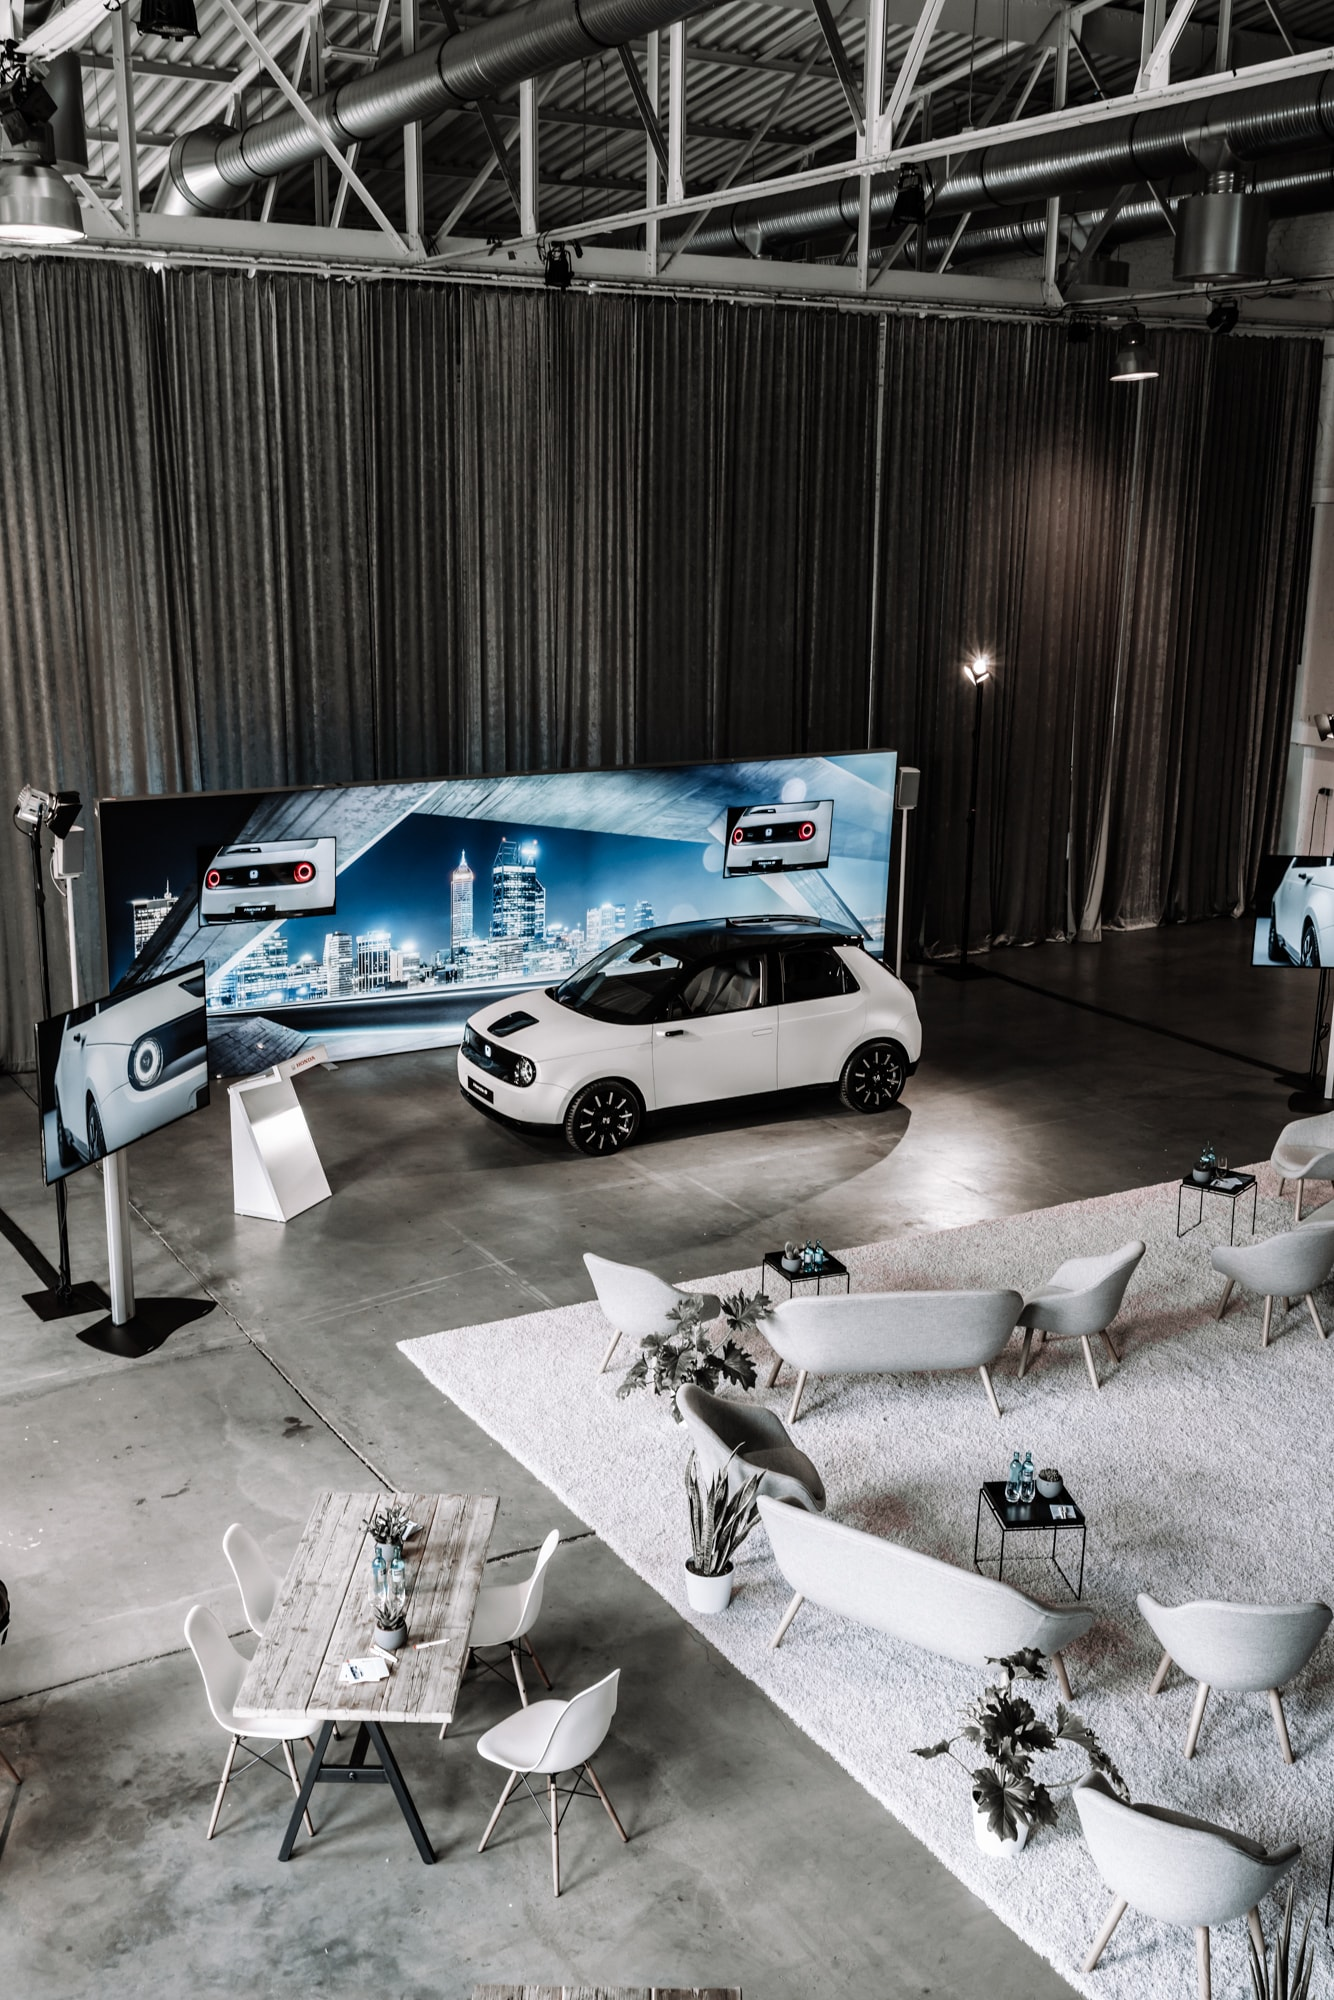 Elektro trifft auf Retro: Der neue Honda E 12